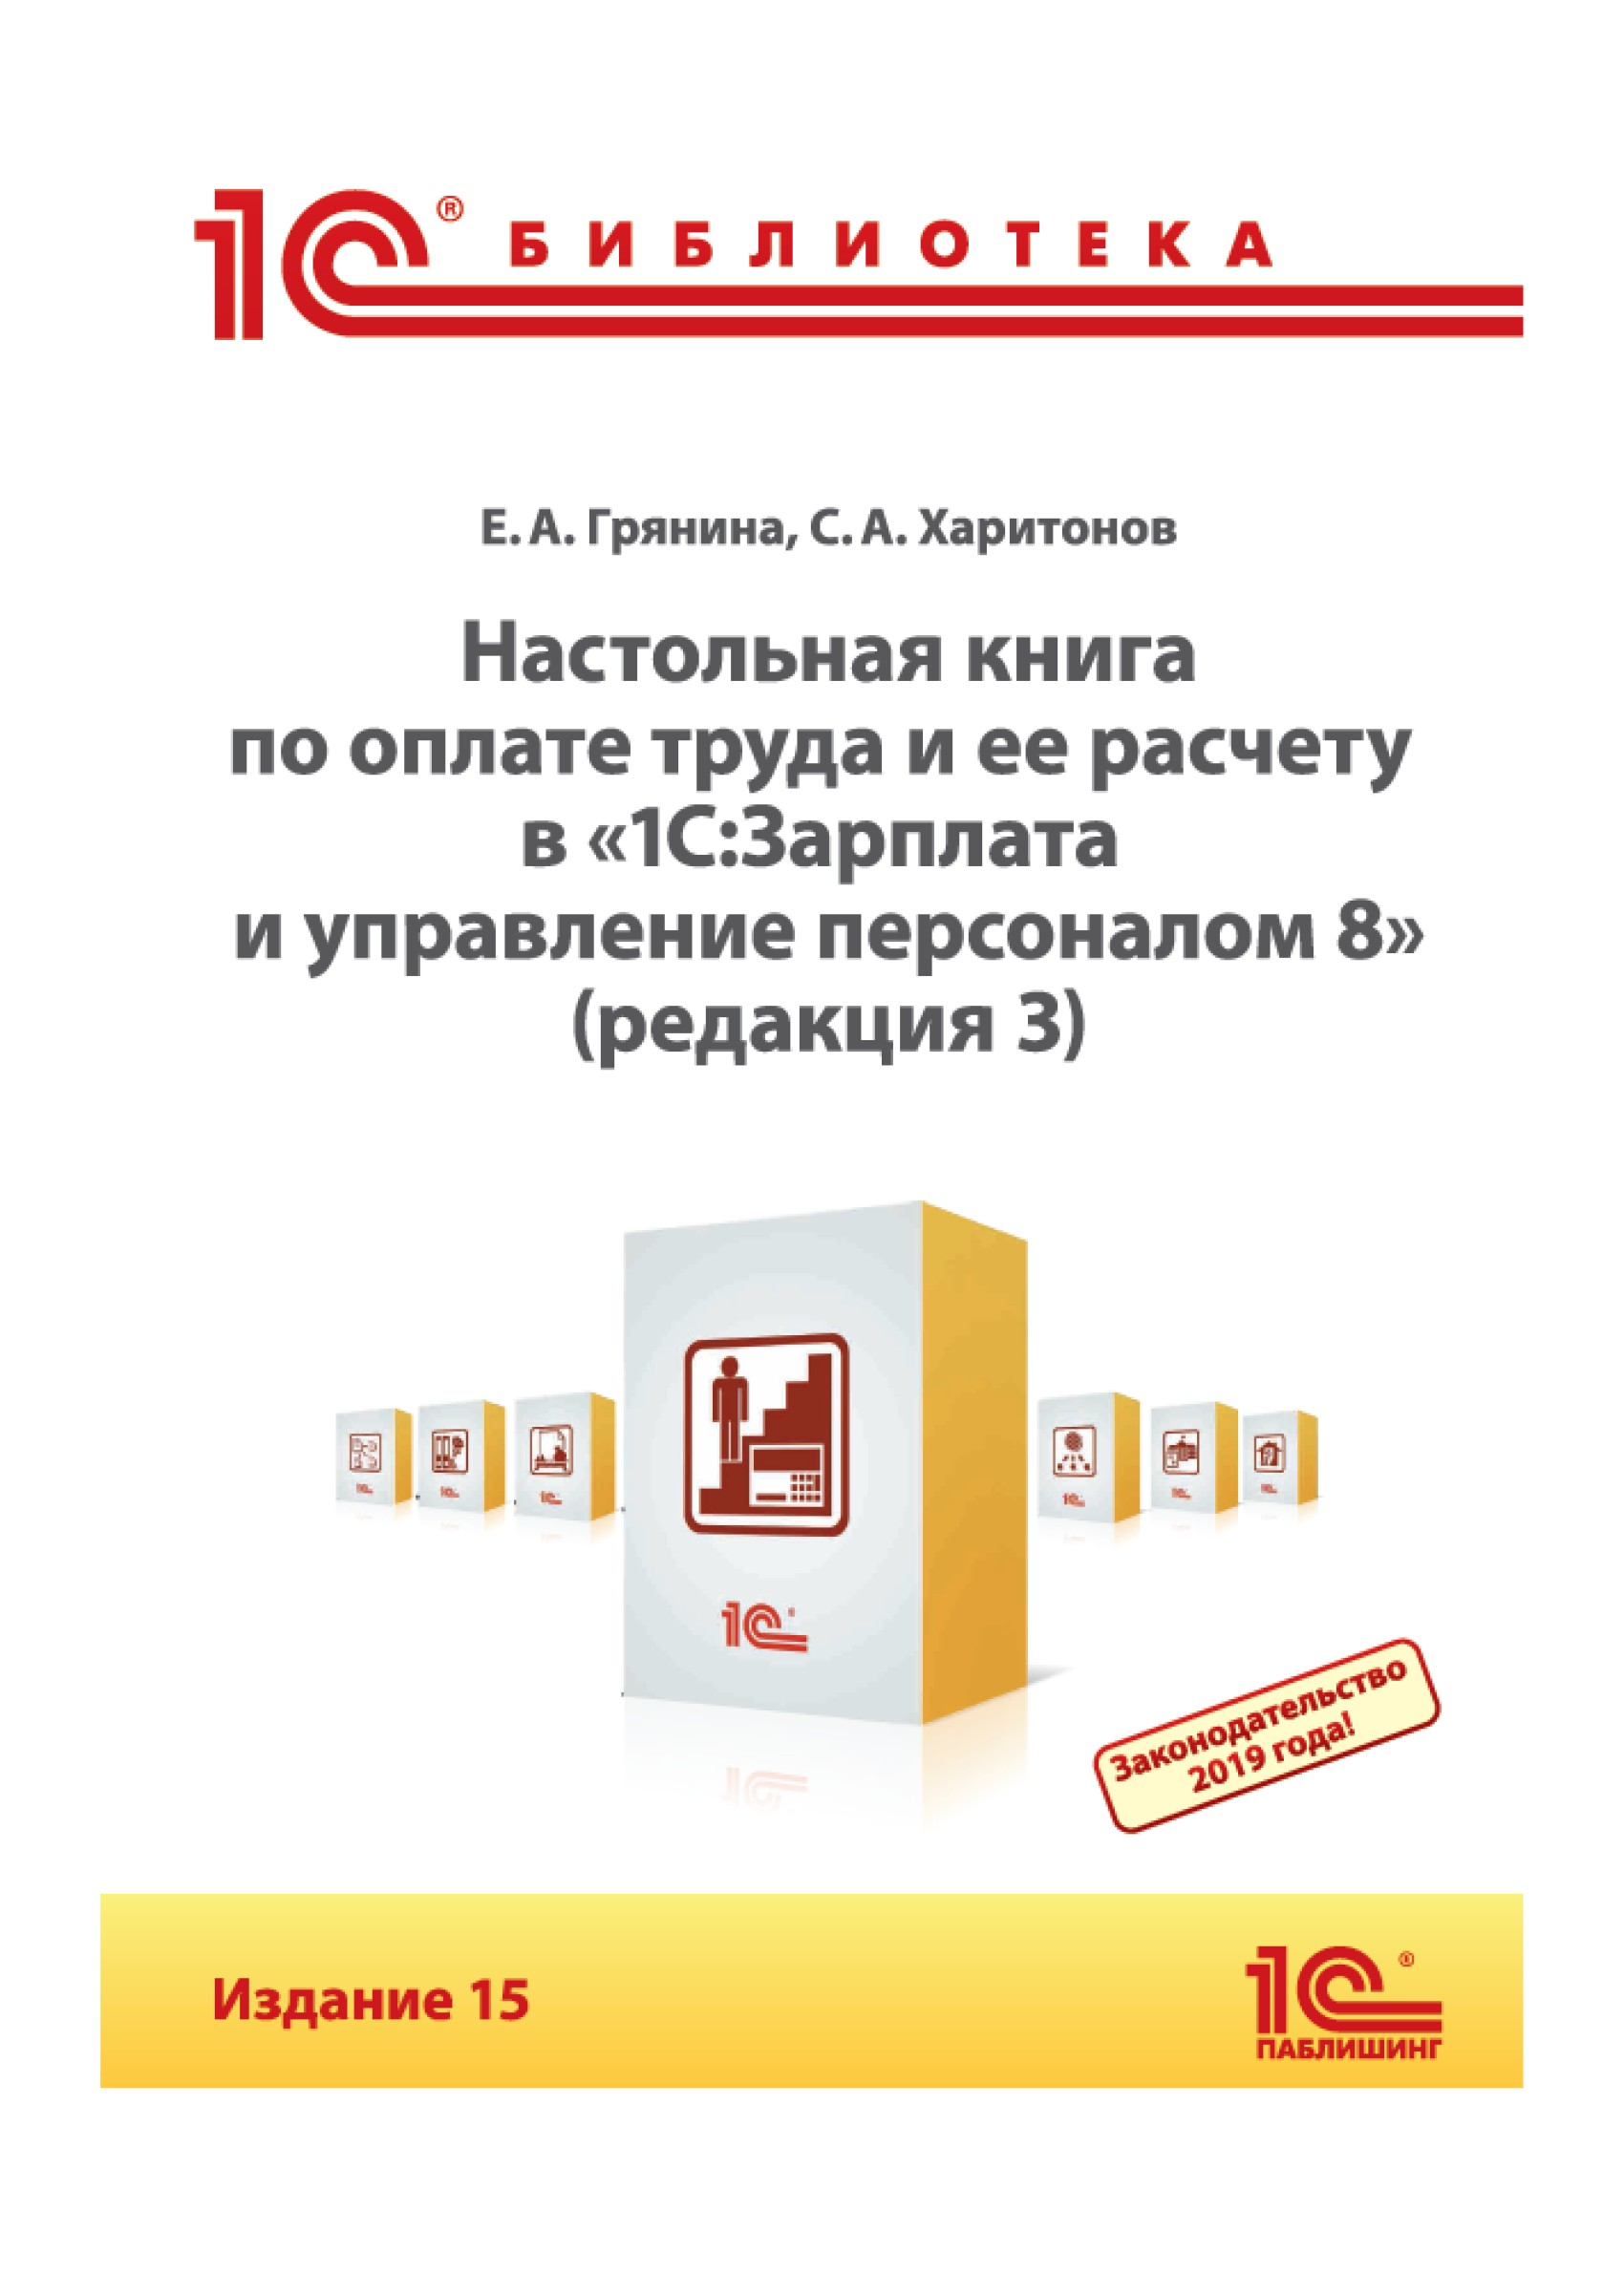 С. А. Харитонов Настольная книга по оплате труда и ее расчету в программе «1С:Зарплата и управление персоналом 8» (редакция 3) (+ epub)